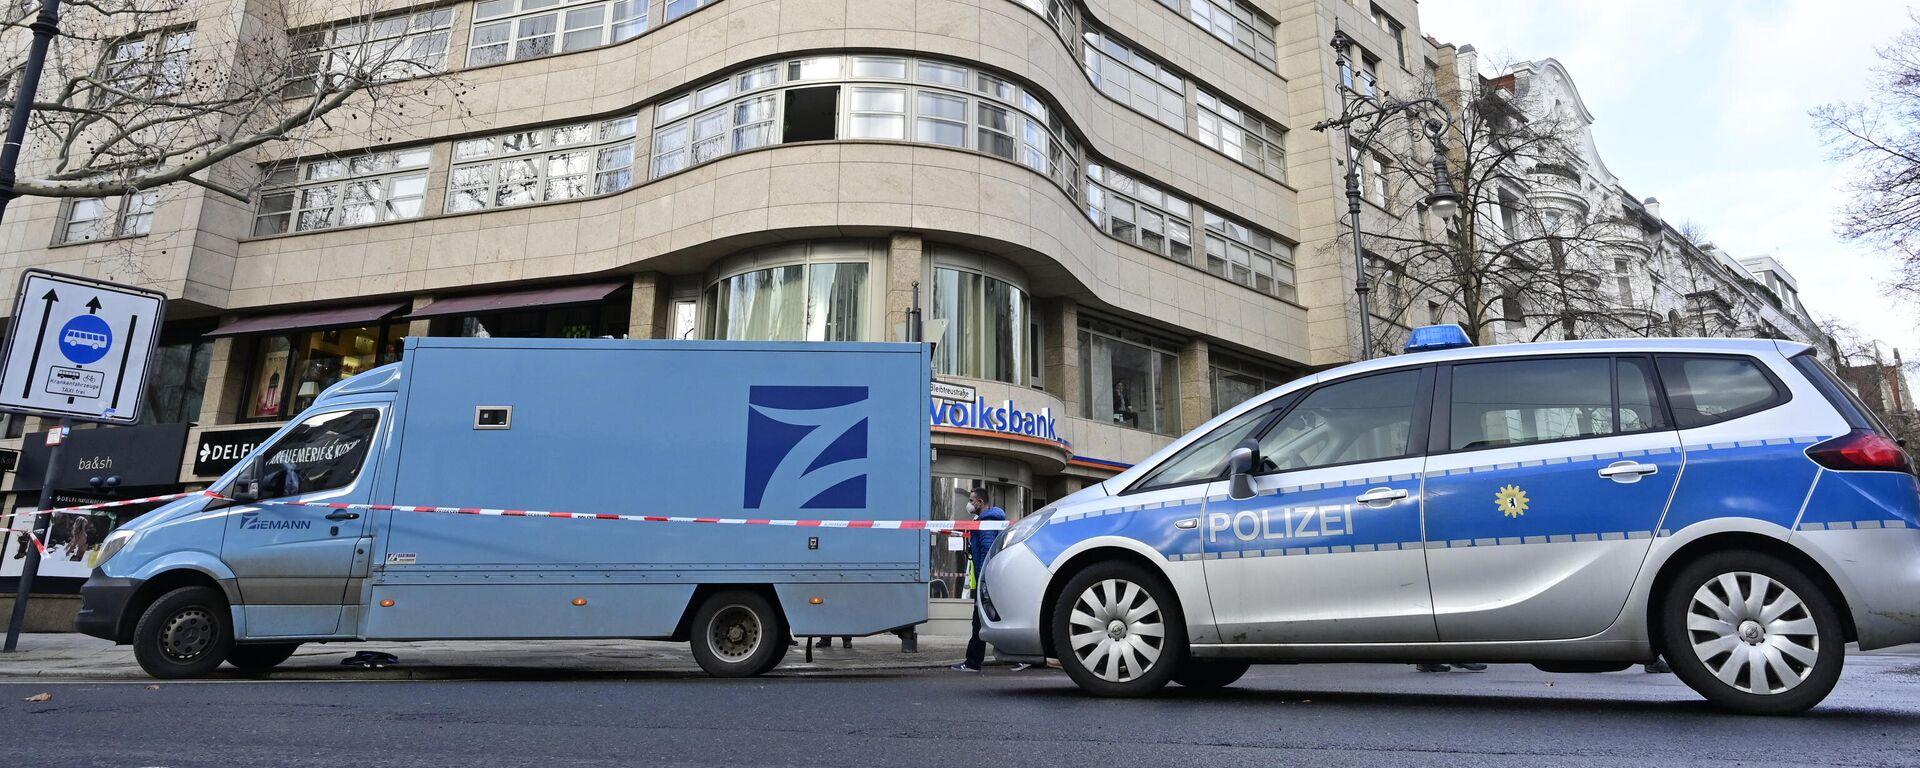 Polizei am Ort des Geldtransporter-Überfalls in Berlin, 19. Februar 2021 - SNA, 1920, 19.02.2021